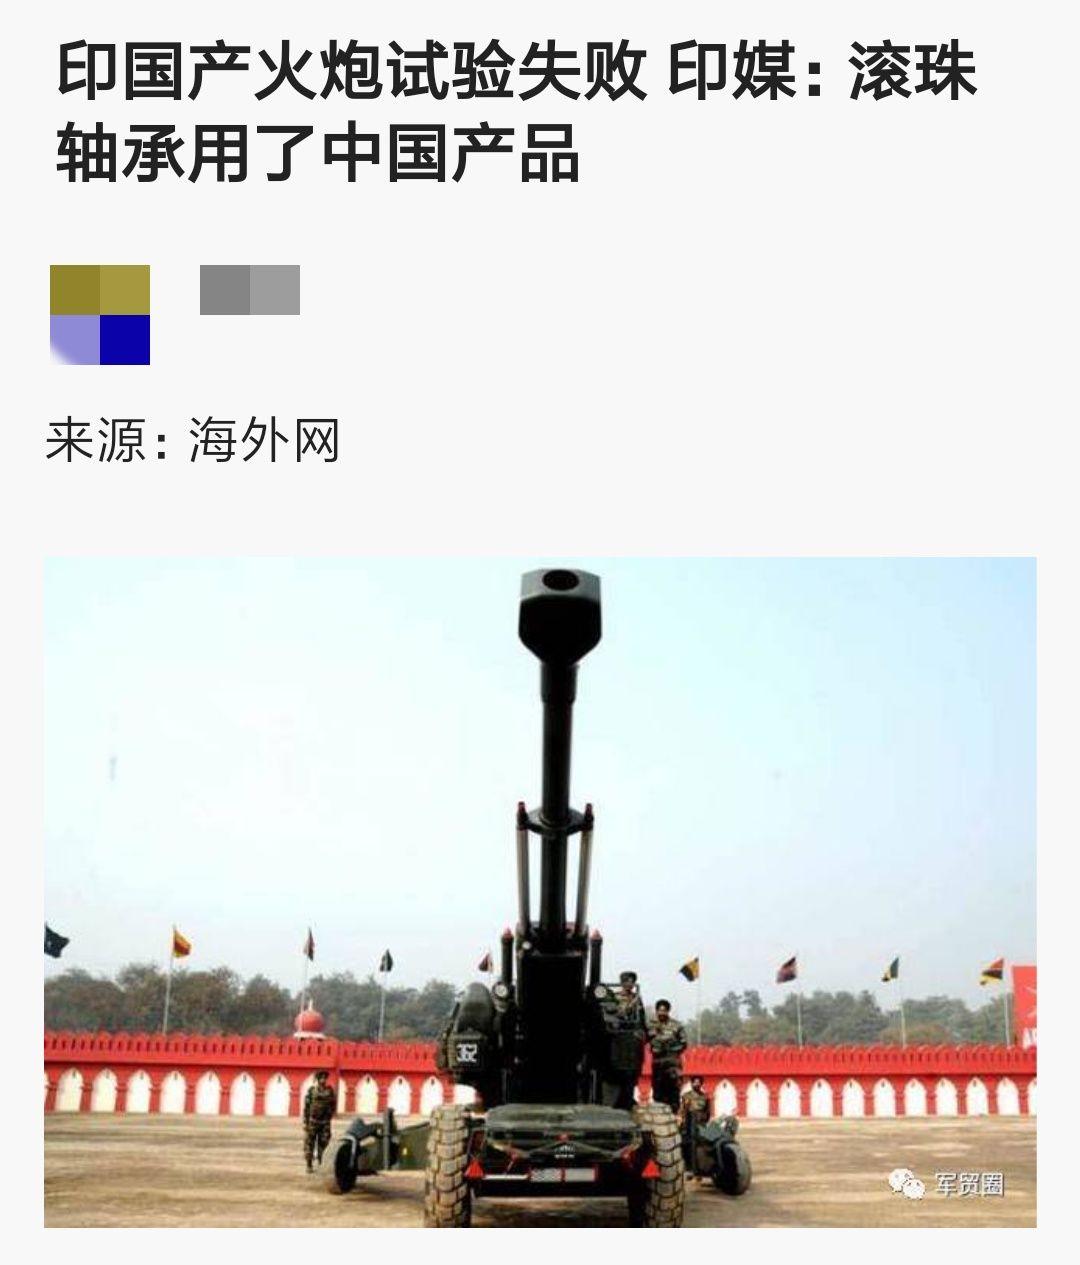 指责中国,痛批美国,气死法国,印度甩锅科技世界领先